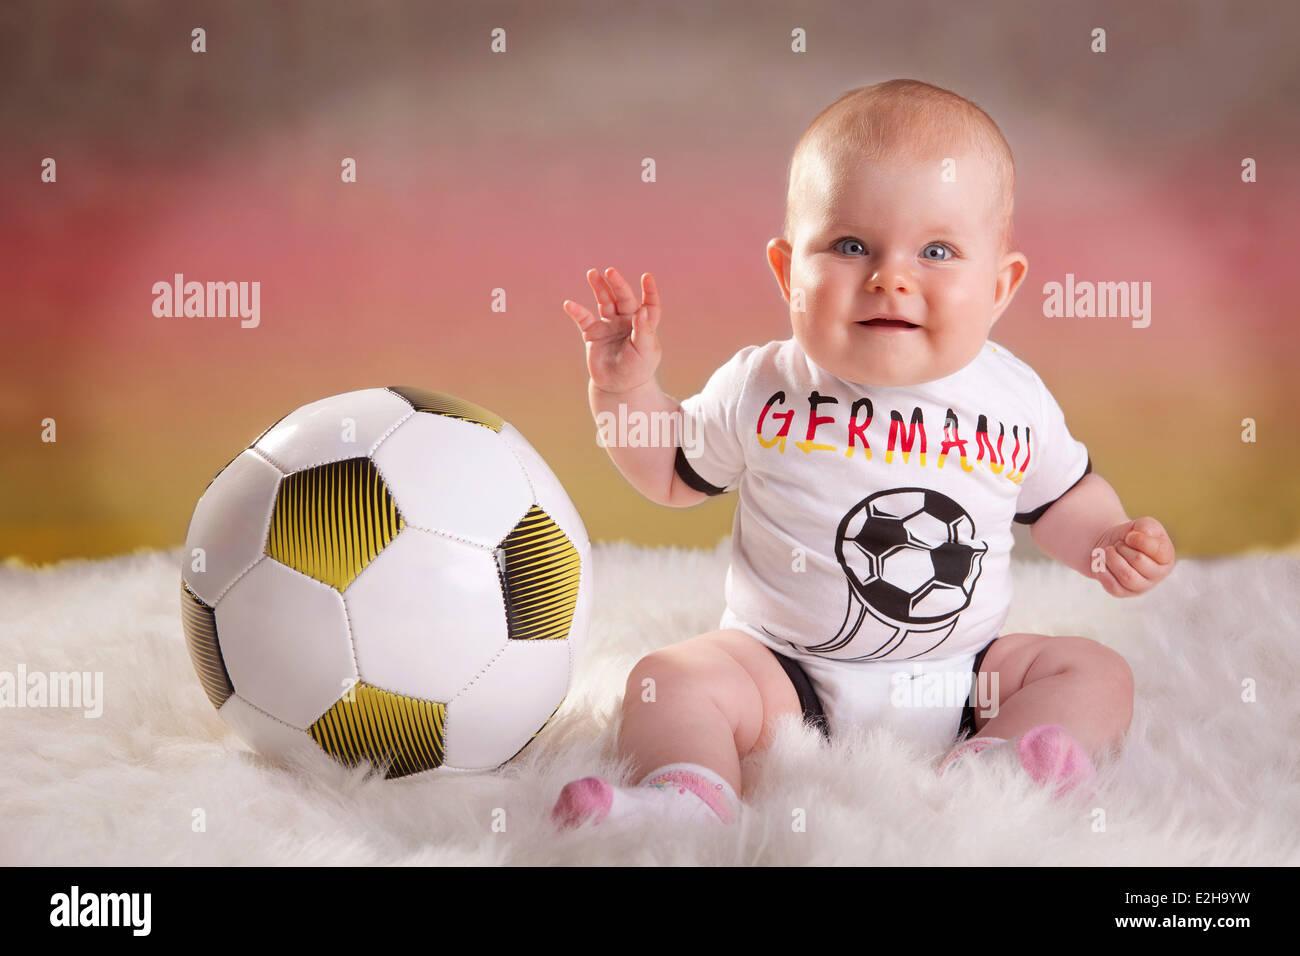 Baby girl, 7 mesi, indossando una Germania football jersey con un calcio, colori tedesco sul retro Immagini Stock